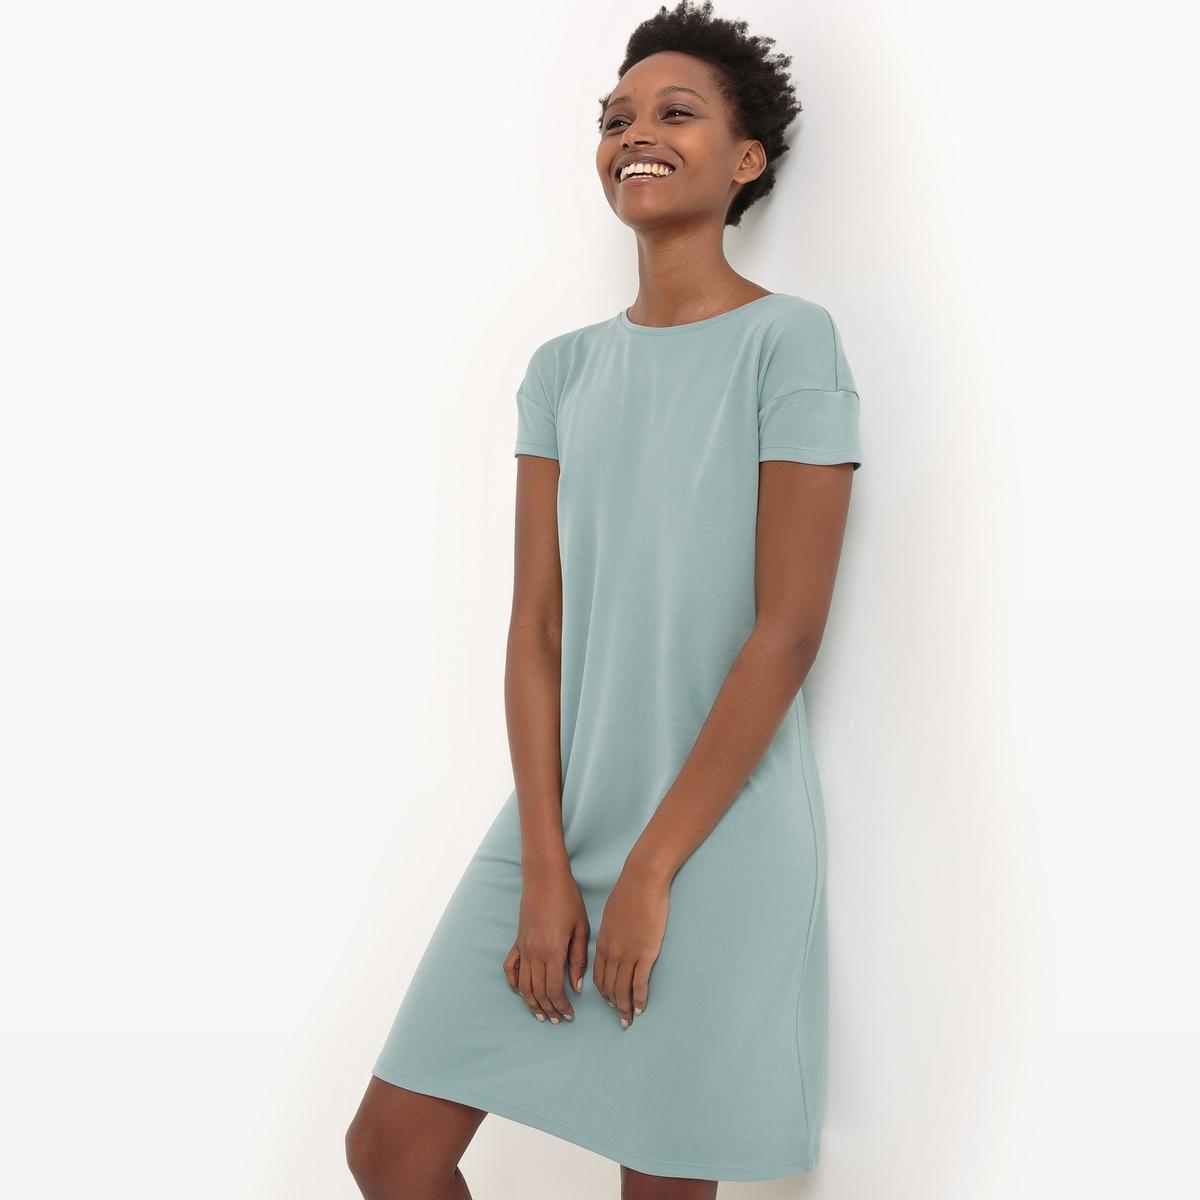 Платье-трапеция с короткими рукавами из модалаМатериал : 70% модала, 30% полиэстера  Длина рукава : короткие рукава  Форма воротника : круглый вырез Покрой платья : платье прямого покроя      Рисунок : однотонная модель   Длина платья : короткое<br><br>Цвет: антрацит,зеленый<br>Размер: XS.XS